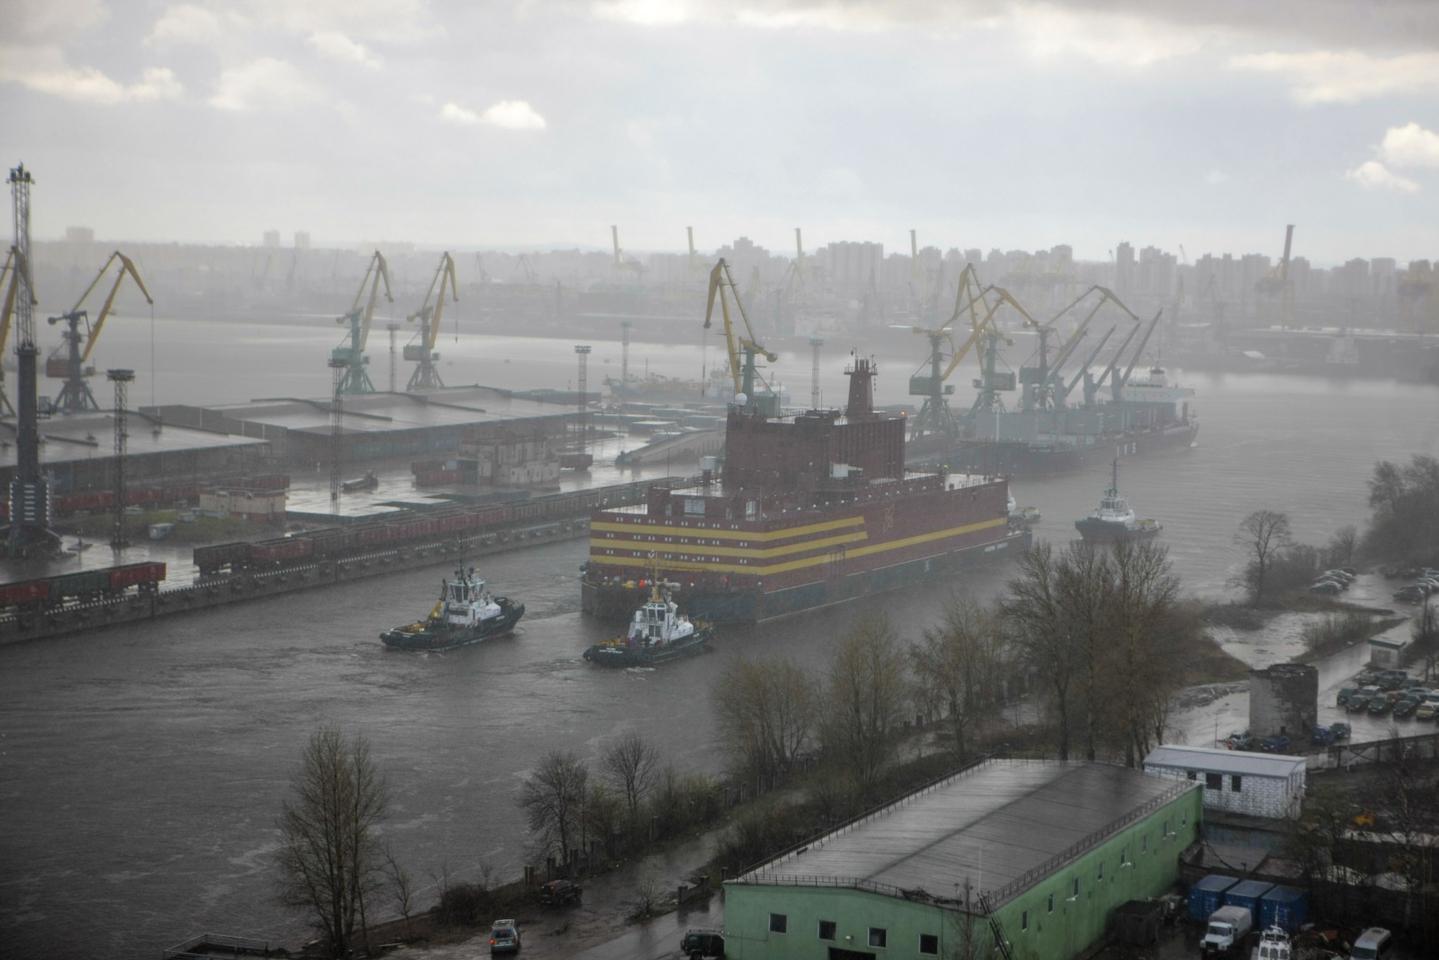 """The """"Akademik Lomonosov""""leaves St. Petersburg under tow"""